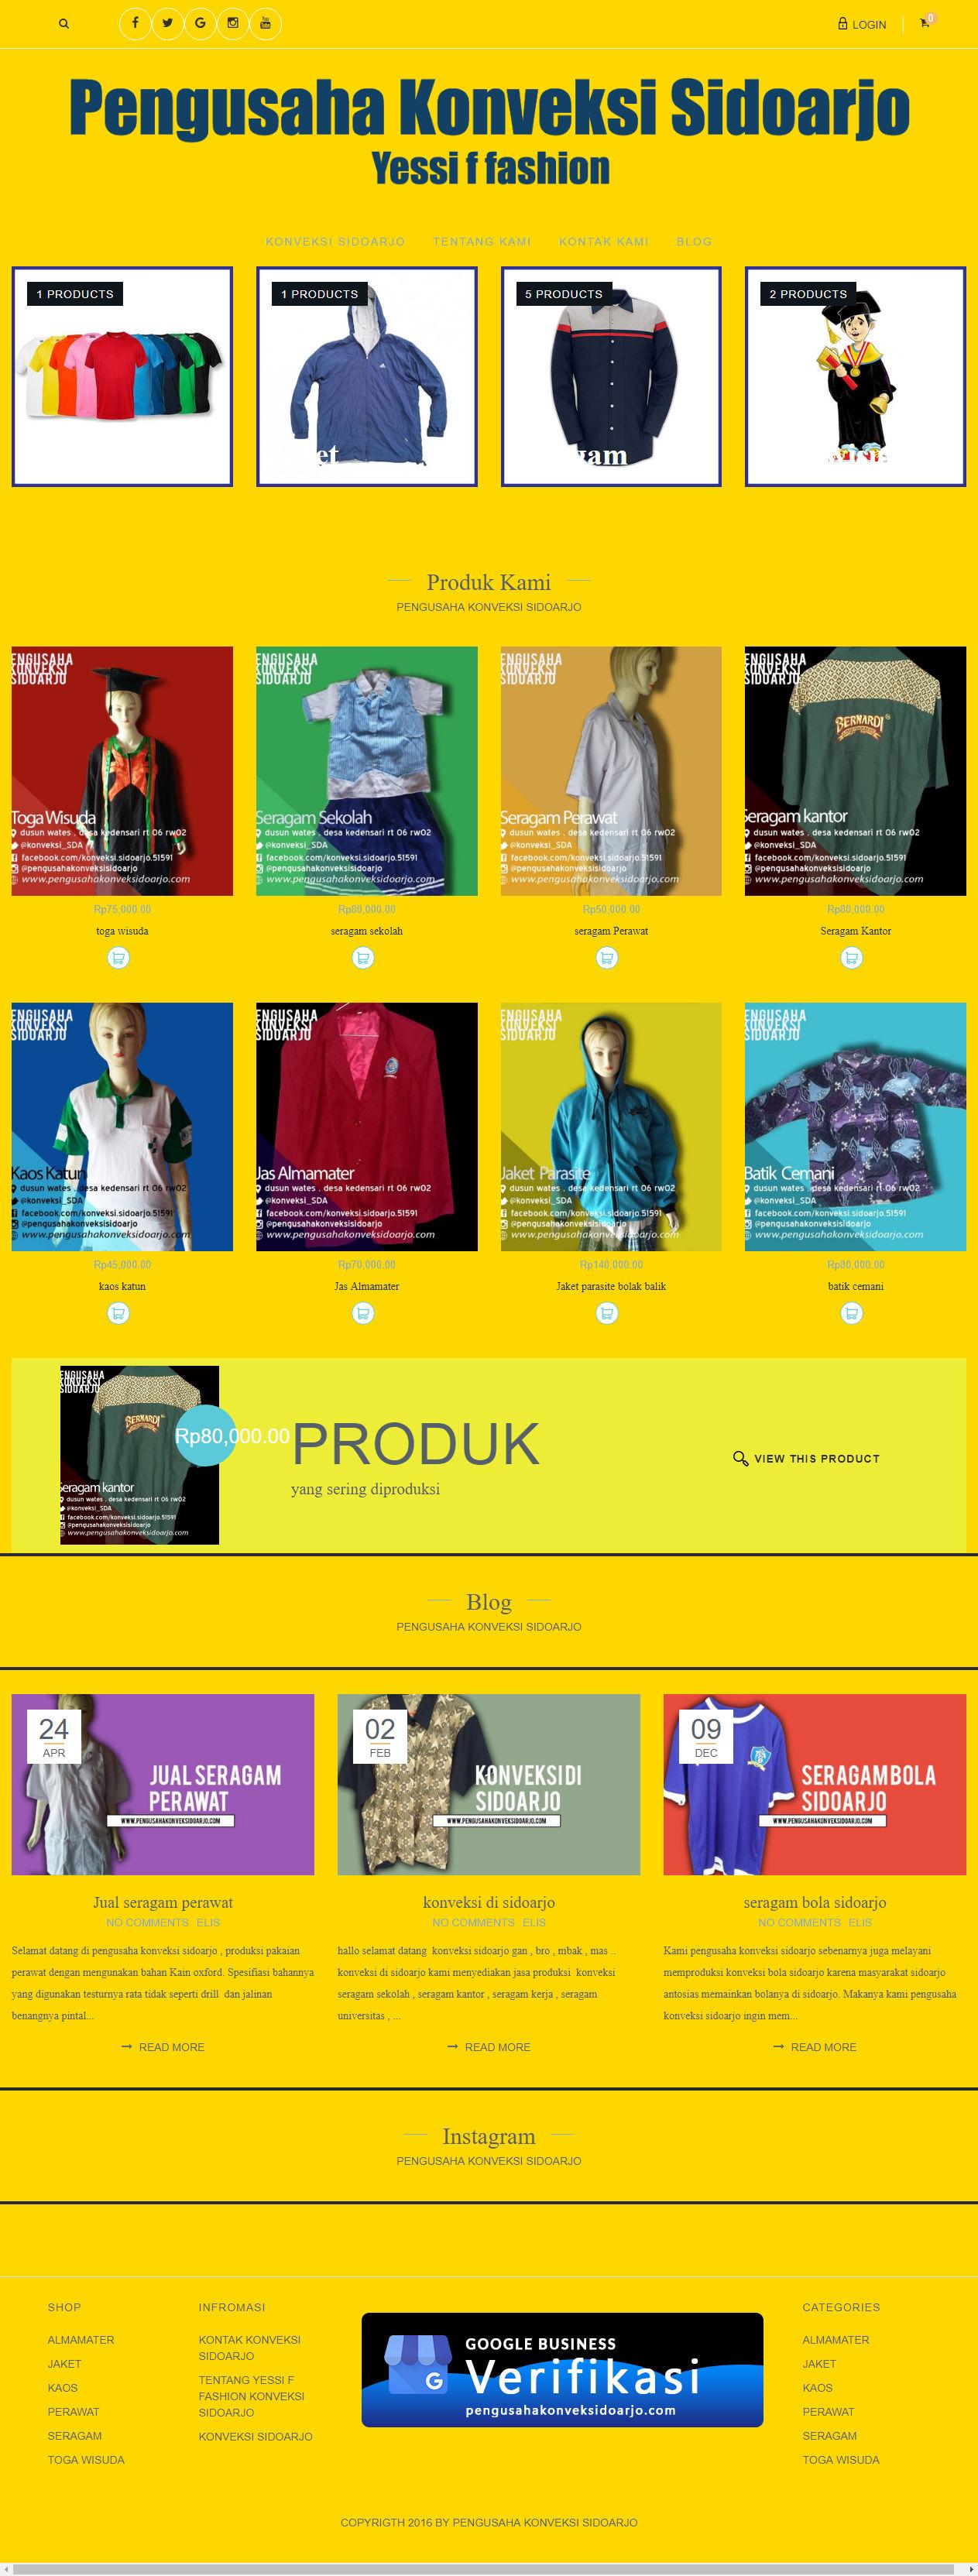 contoh ke 2 jasa pembuatan toko online